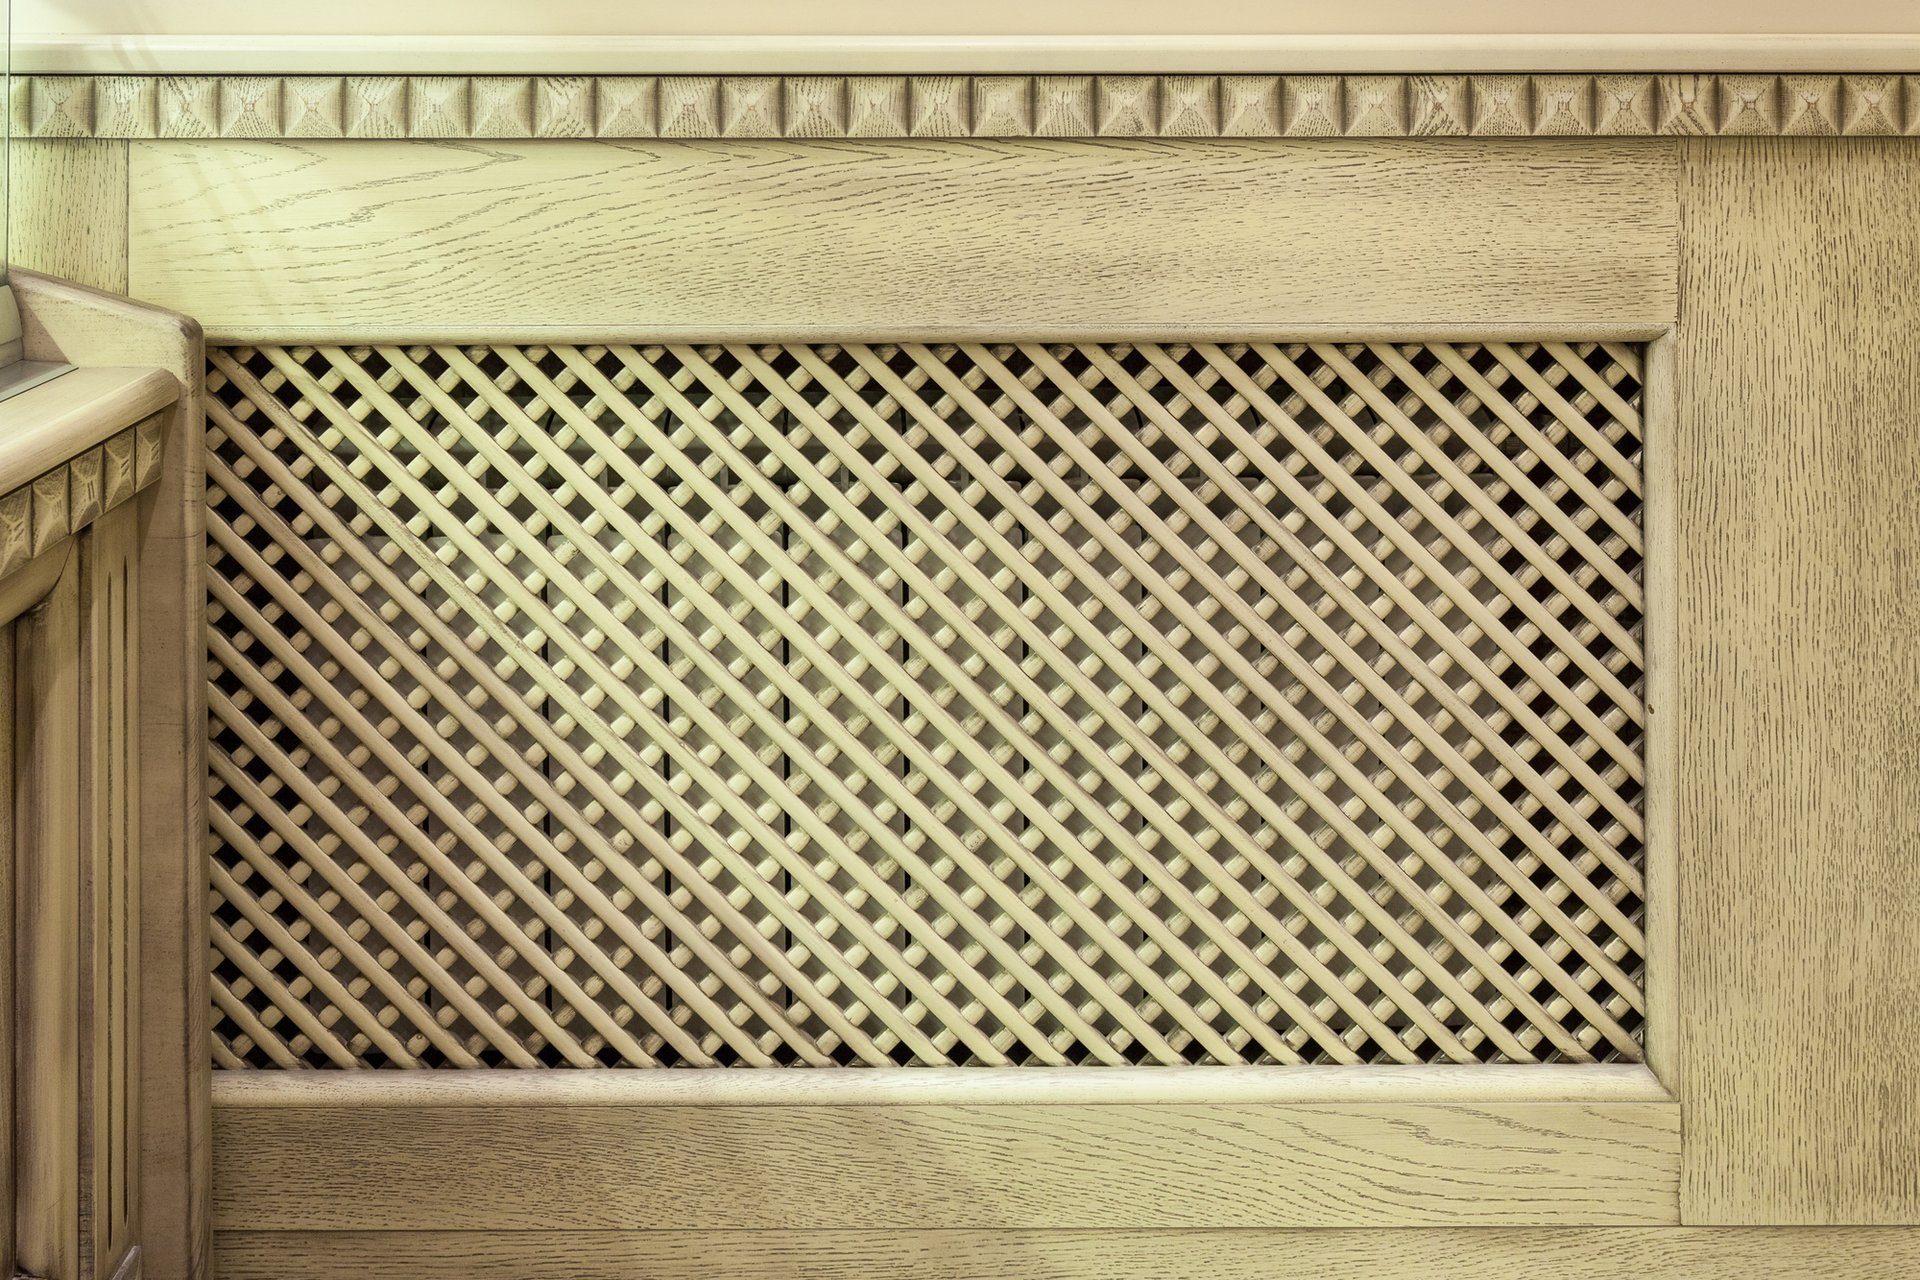 Необходимо установить защитный экран на батарею отопления? металлические решетки – отличный выбор